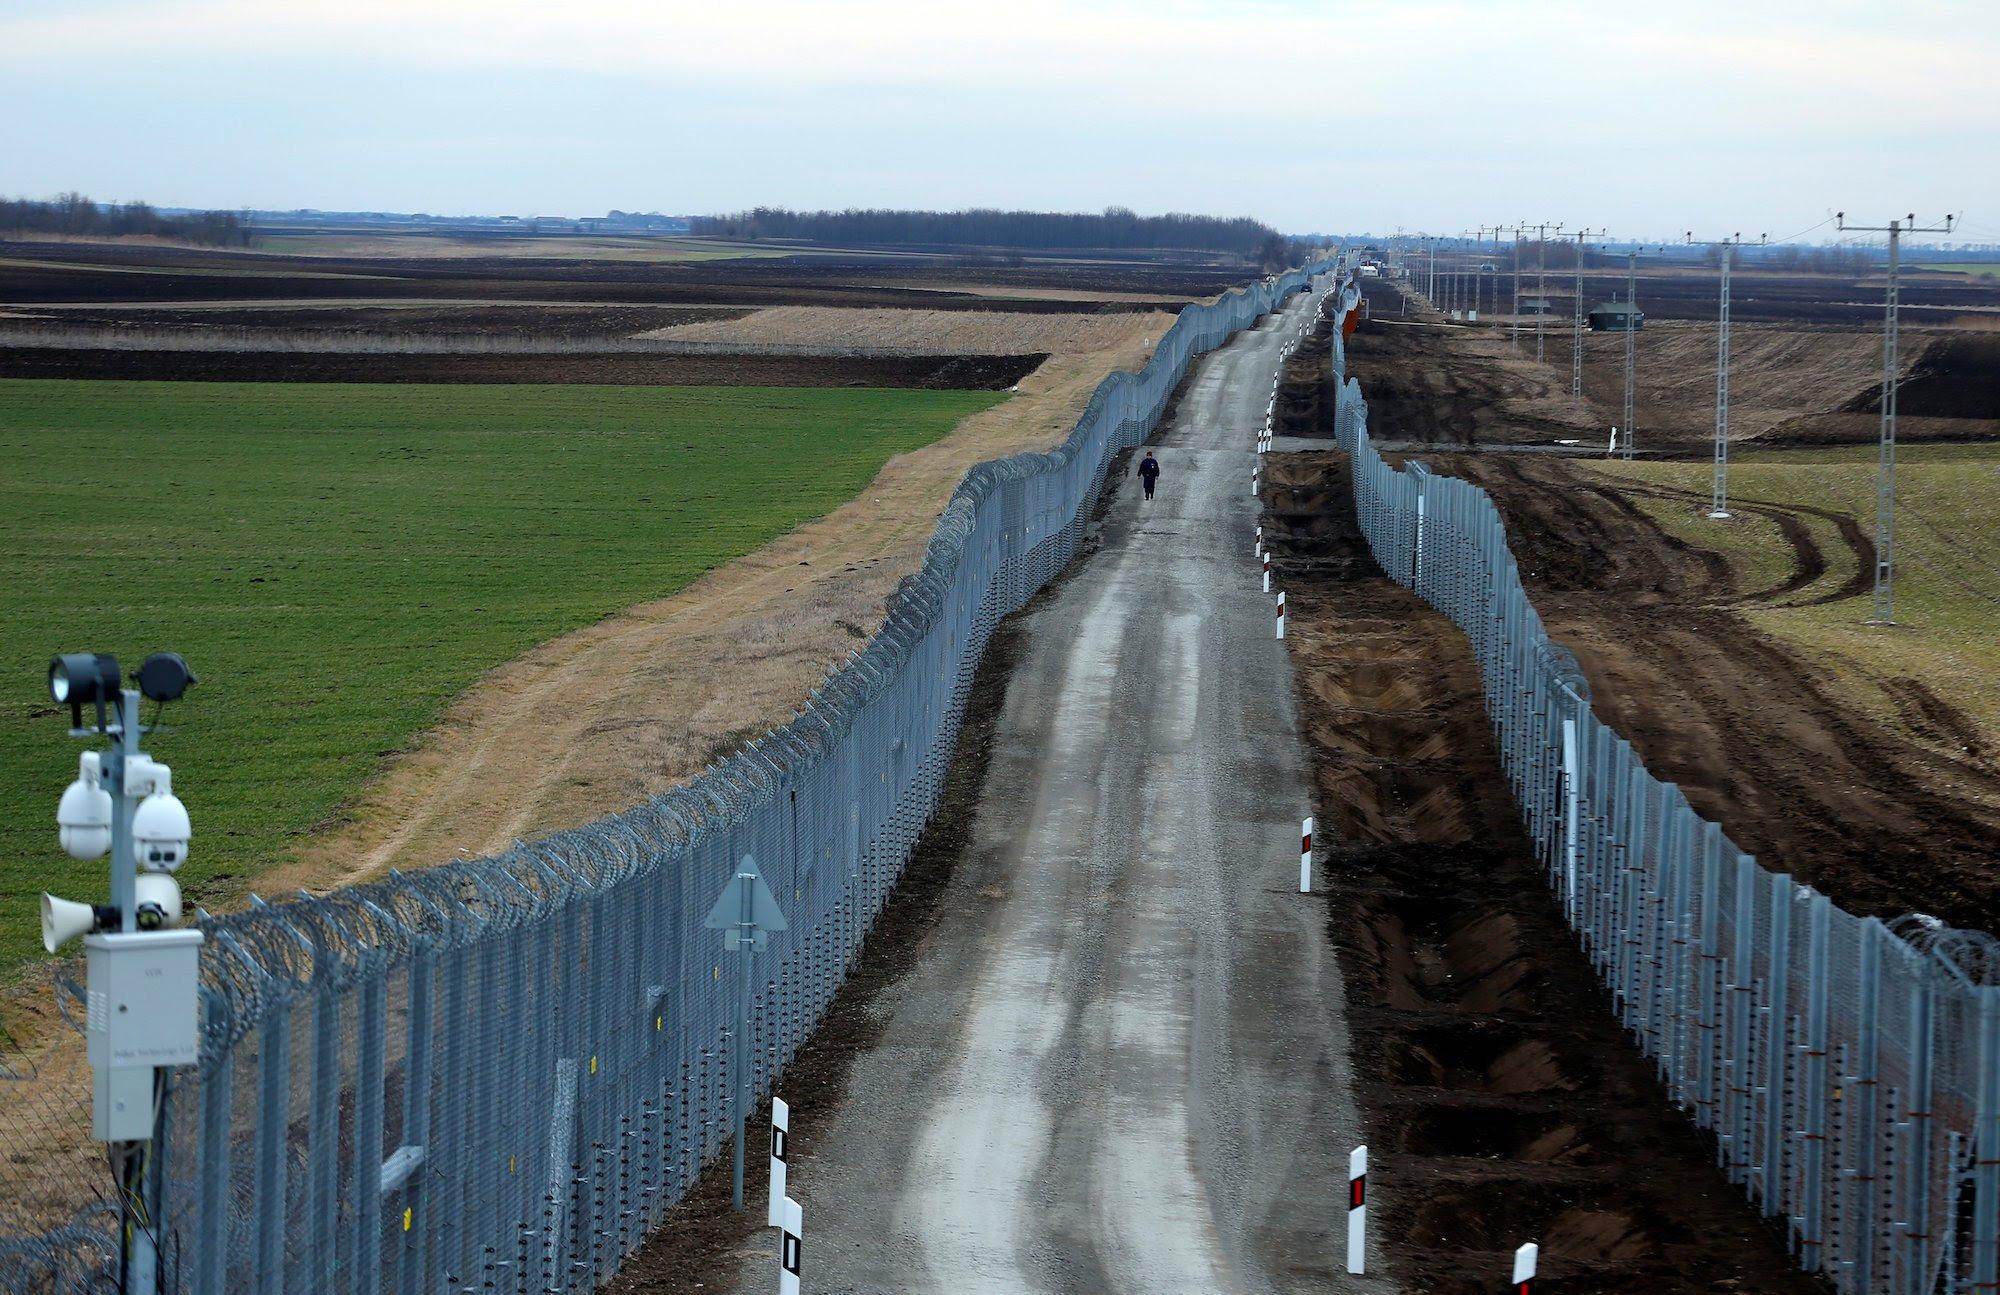 Αποτέλεσμα εικόνας για hungarian border fence